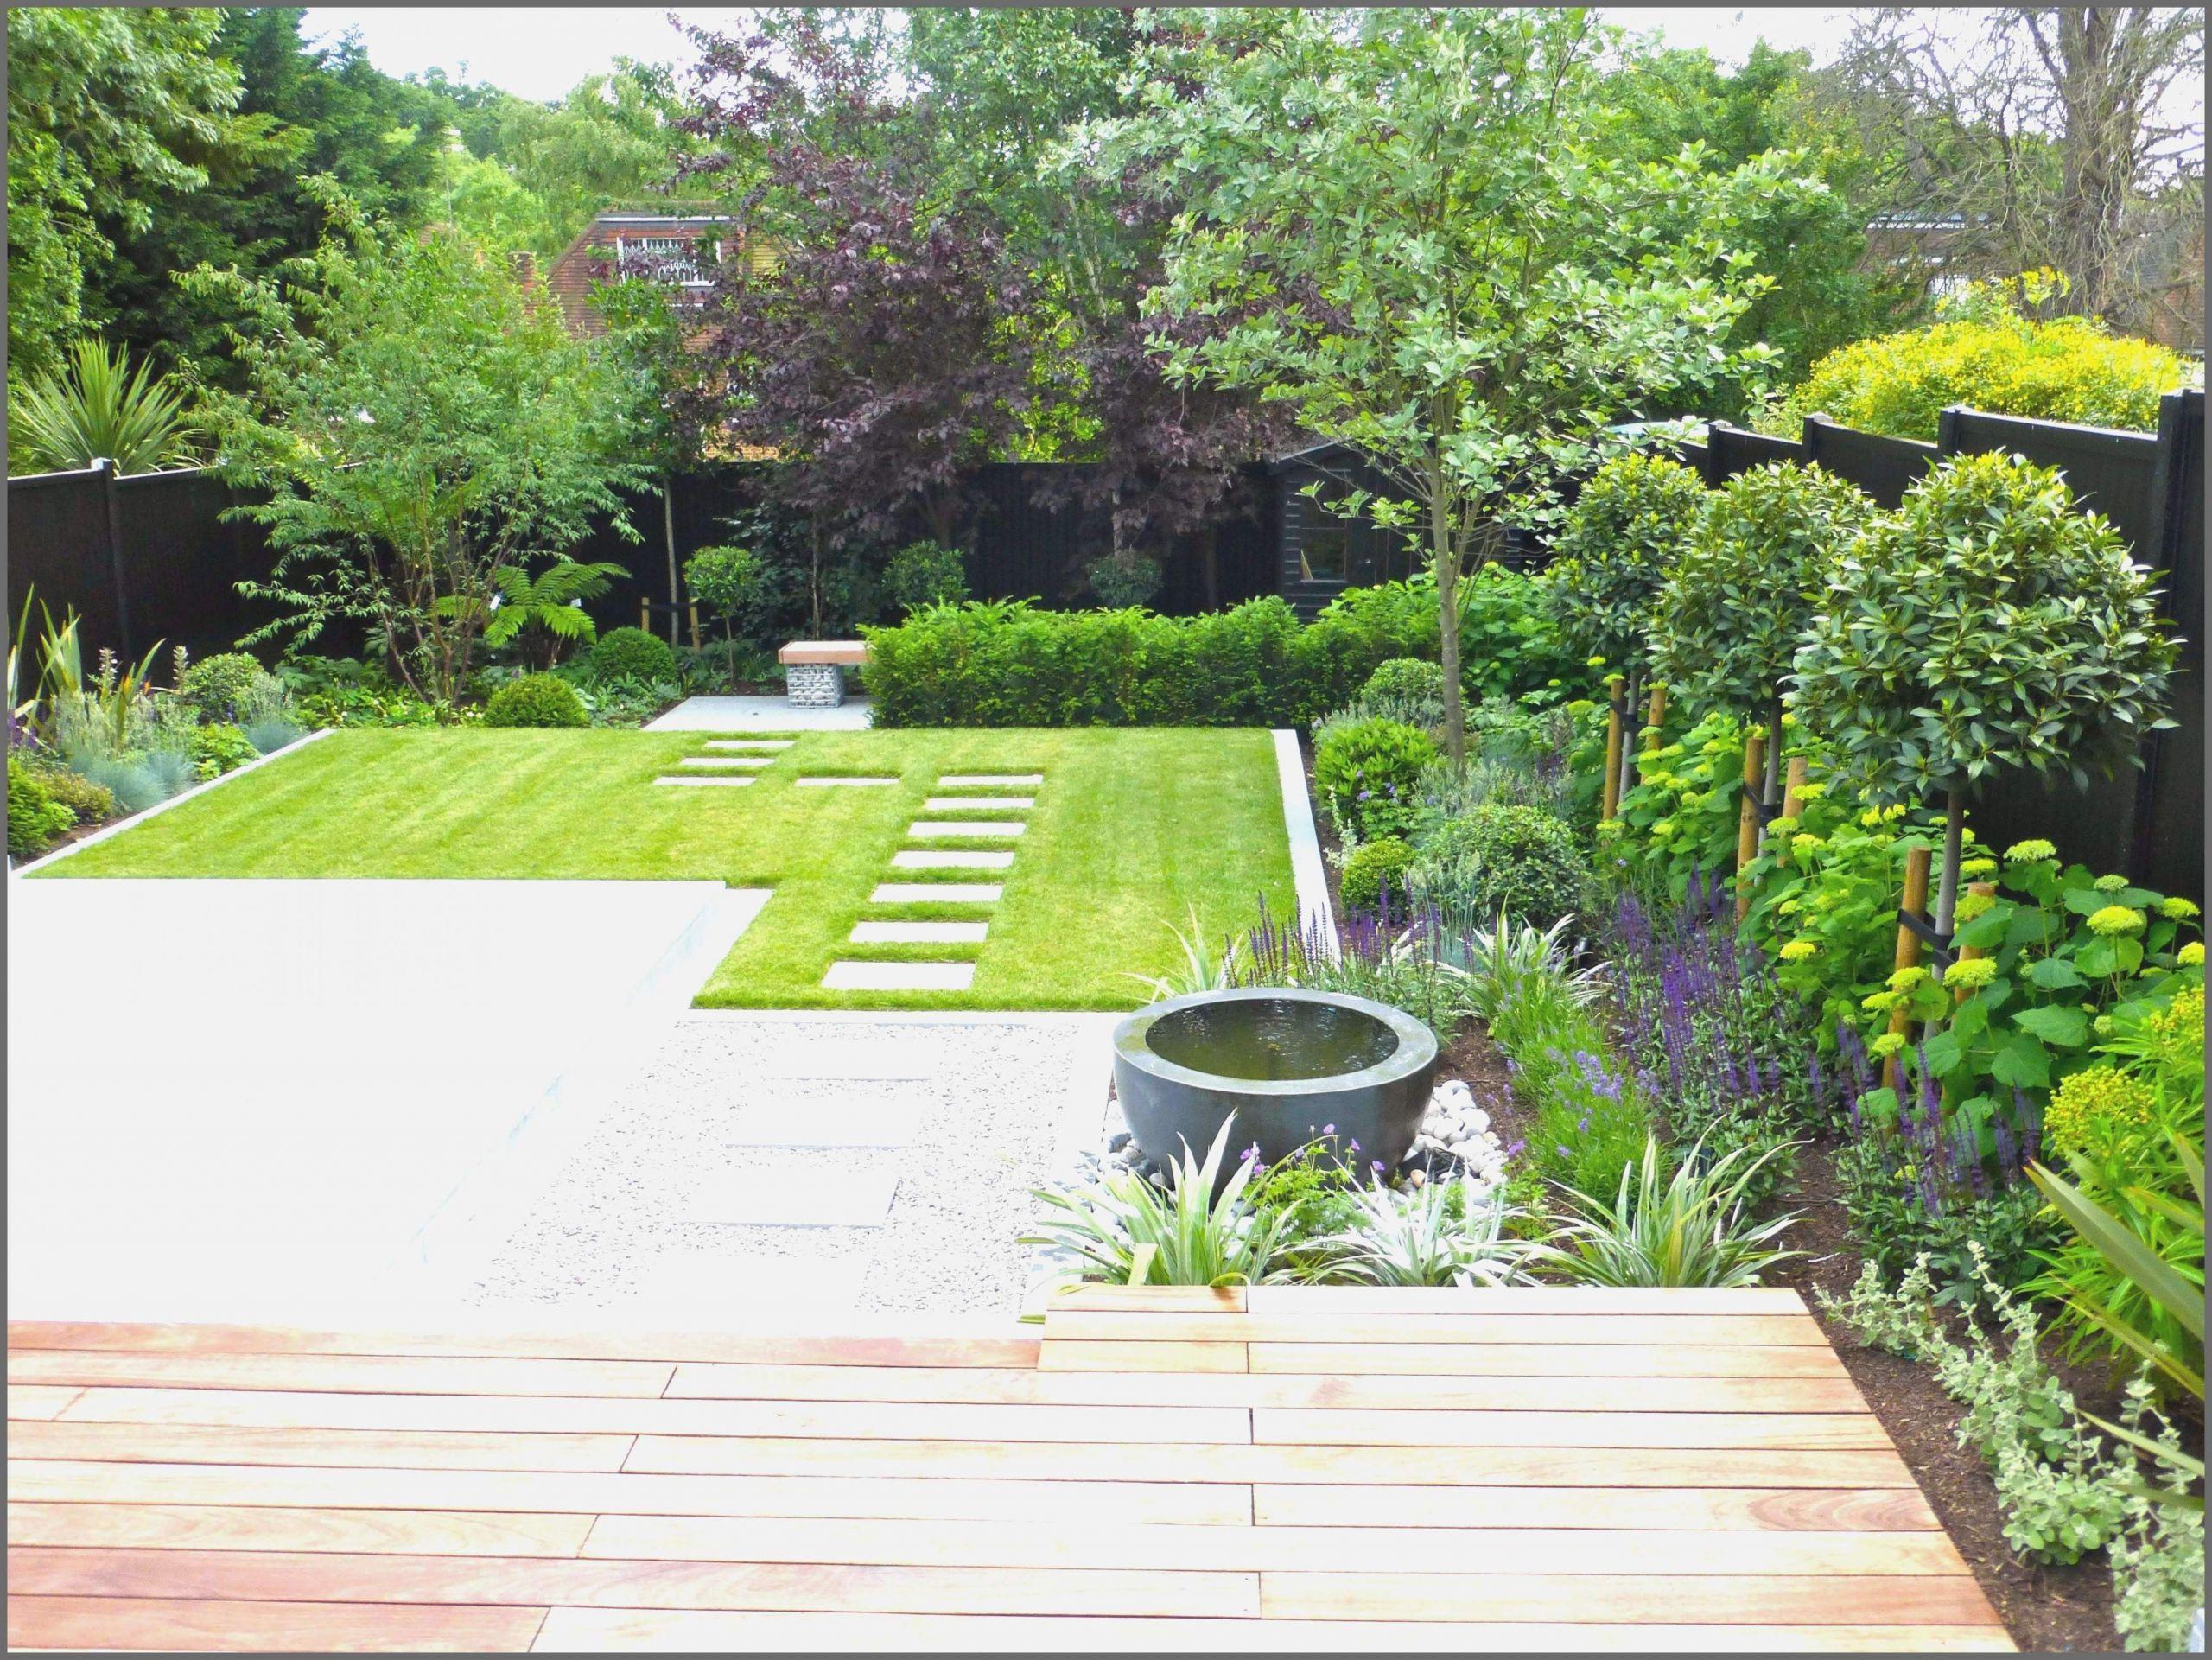 42 frisch sichtschutz terrasse pflanzkubel bilder beispiele bepflanzung pflanzkubel beispiele bepflanzung pflanzkubel